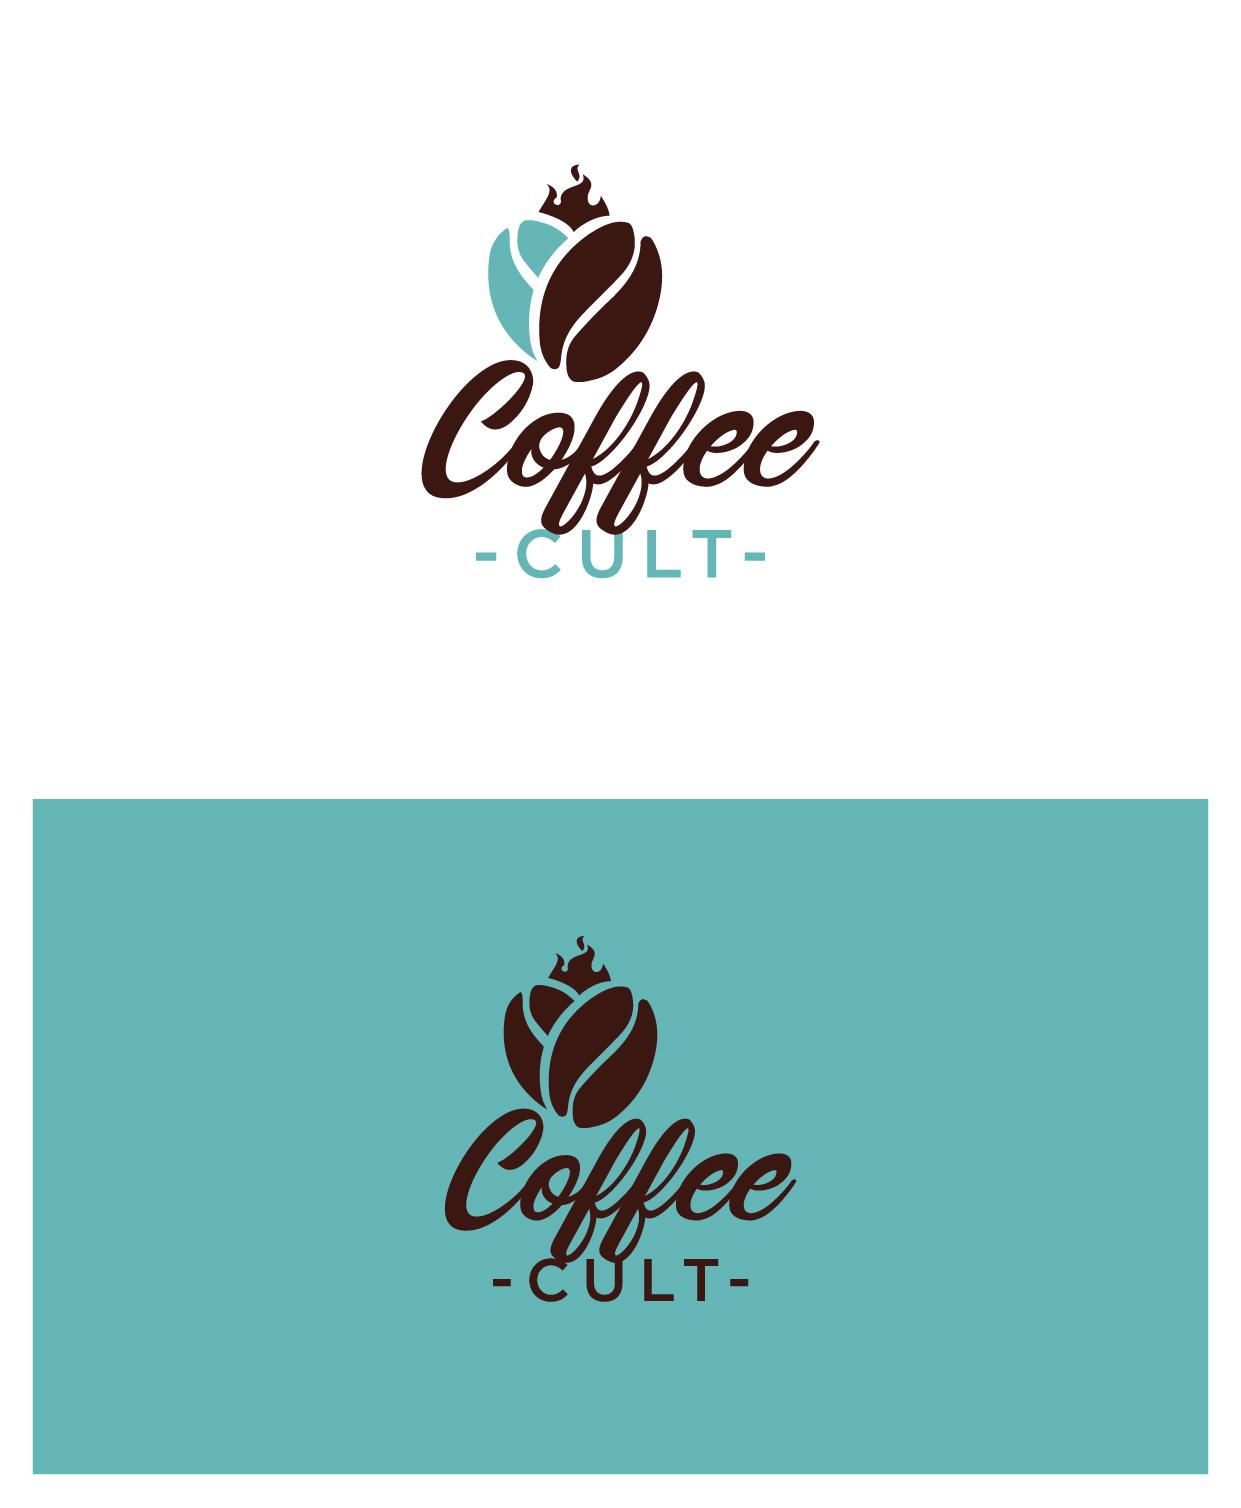 Логотип и фирменный стиль для компании COFFEE CULT фото f_0695bca16ebeba8d.jpg